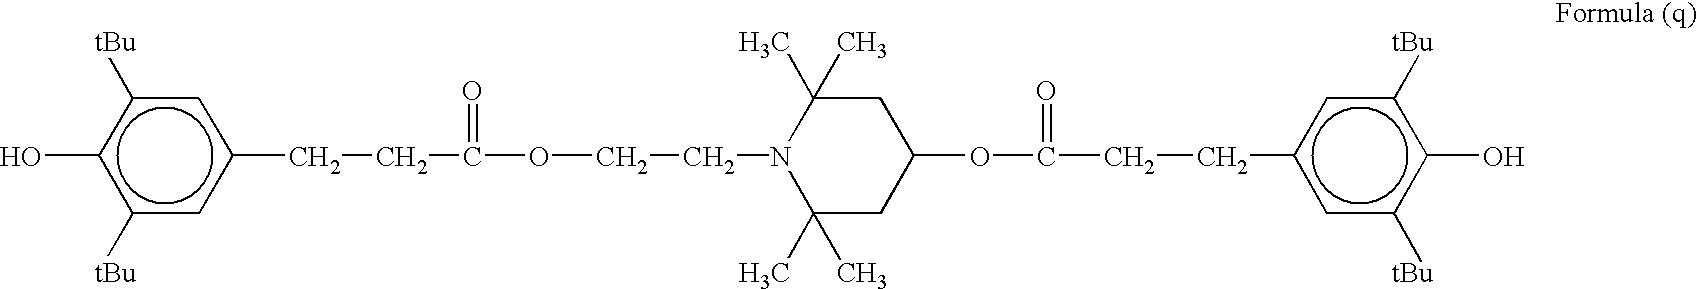 Figure US06939651-20050906-C00022